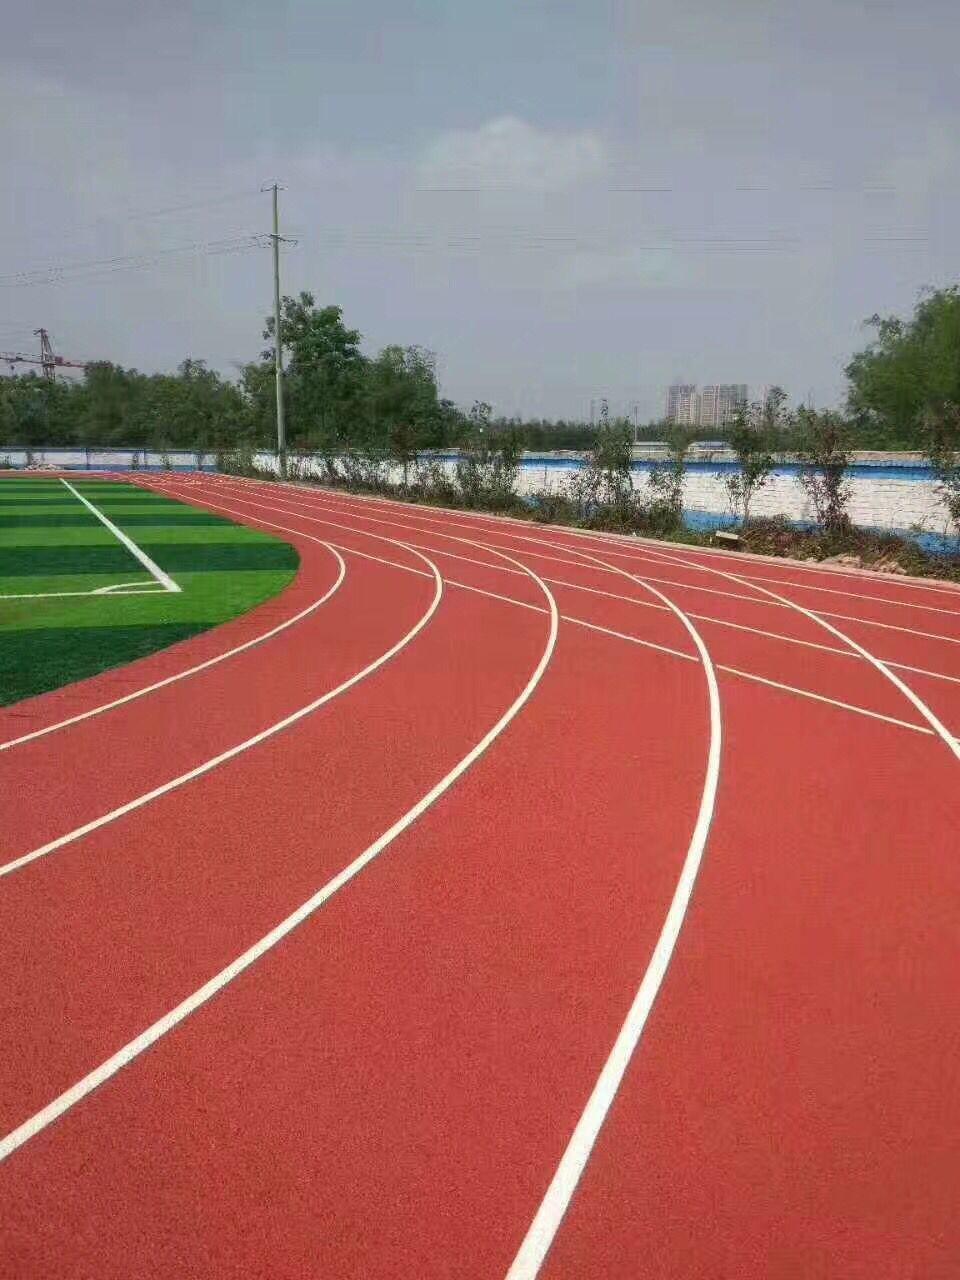 佛山人造草坪,江西室外塑胶跑道-惠州市泓冠达体育设施有限公司